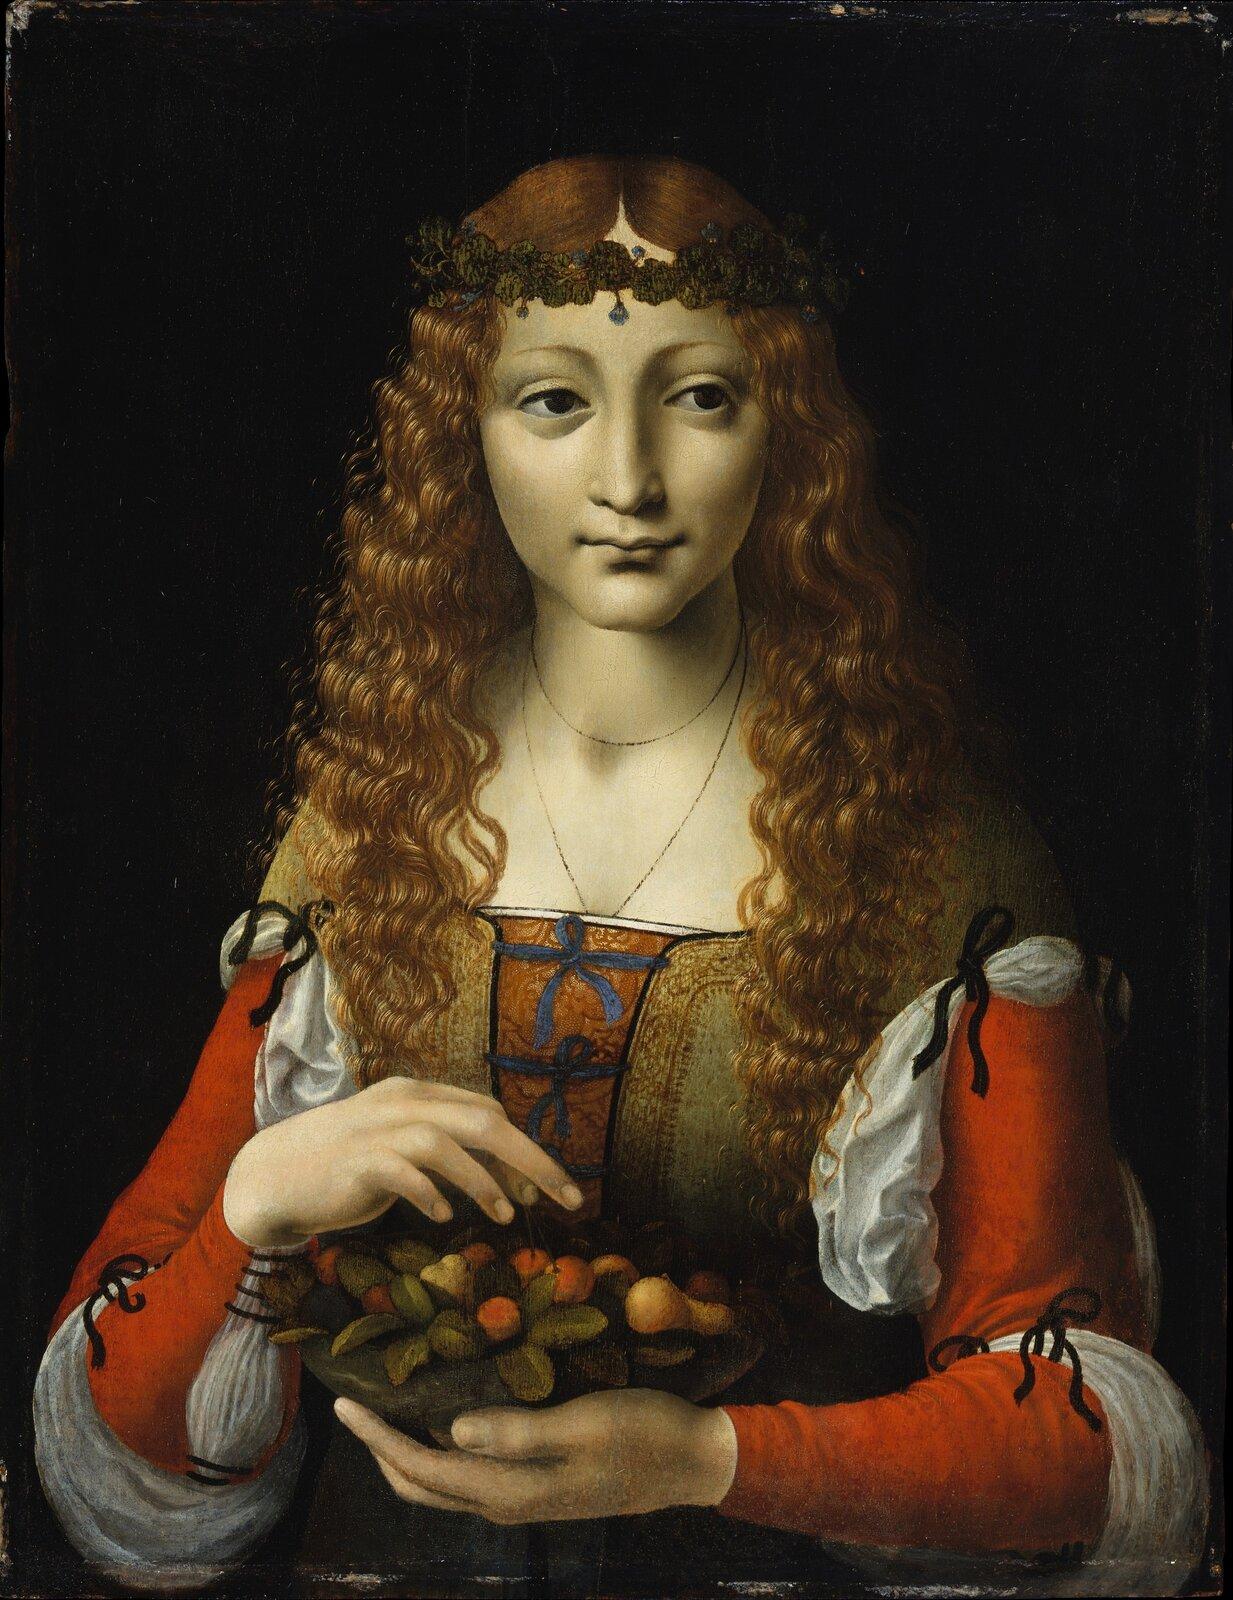 """Ilustracja przedstawia obraz """"Dziewczyna zwiśniami"""" autorstwa Ambrogio de Predisa. Dzieło ukazuje portret młodej kobiety trzymającą naczynie zowocami wlewym ręku. Prawa ręka postaci zawieszona jest nad wiśniami. Dziewczyna ubrana jest wsuknię zczerwono-białymi rękawami iwiązanym zprzodu, zielono-pomarańczowym gorsetem. Ngłowie ma wianek, spod którego spływają na ramiona drobne fale rudych włosów. Ciemne oczy spoglądają wlewą stronę. Delikatny uśmiech ust podkreśla łagodność wizerunku. Postać umieszczona jest na ciemnym tle. Artysta zdużym realizmem idbałością ukazał każdy detal obrazu. Dzieło wykonane jest techniką olejną na desce."""